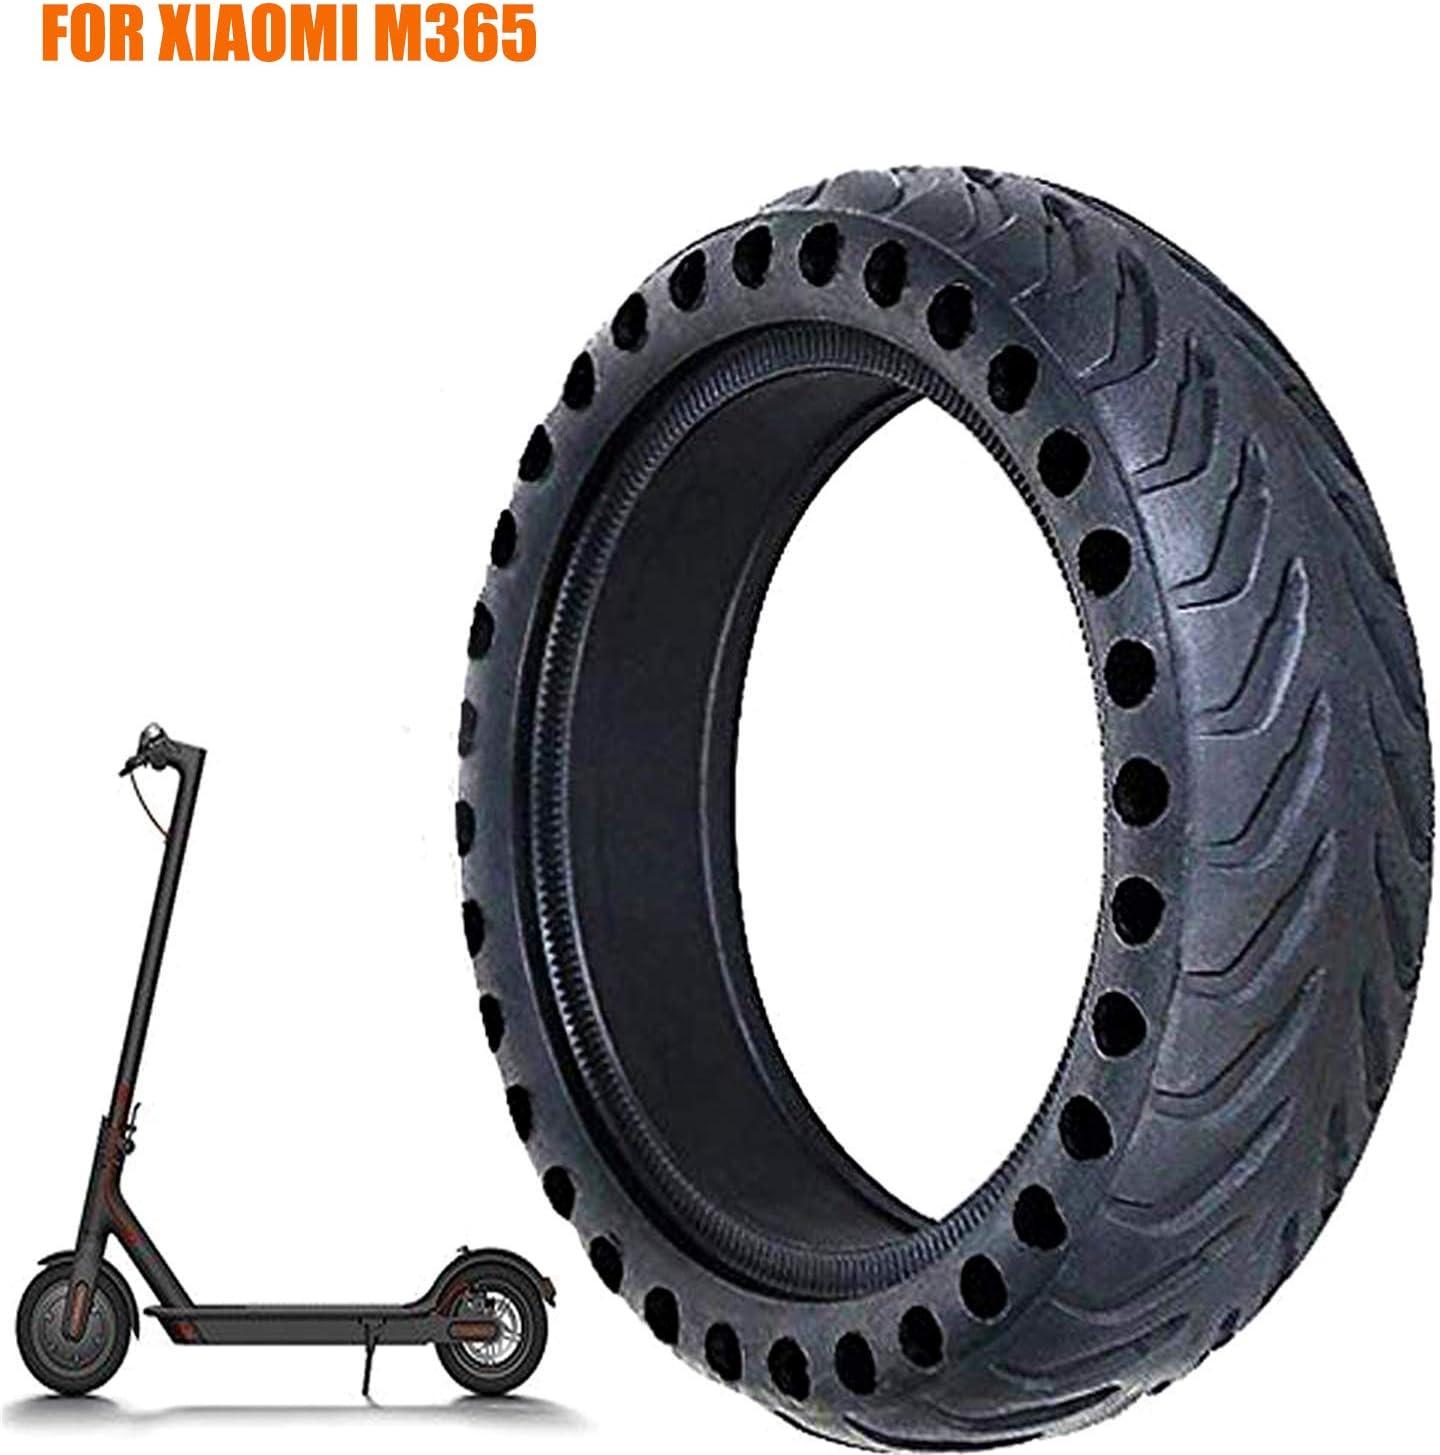 FOXNSK 8.5 Pulgada Sólido Neumático para Xiaomi mijia M365, Frente/Posterior Caucho Neumático Rueda Reemplazo para Eléctrico Scooter 8 1/2x2 Antideslizante